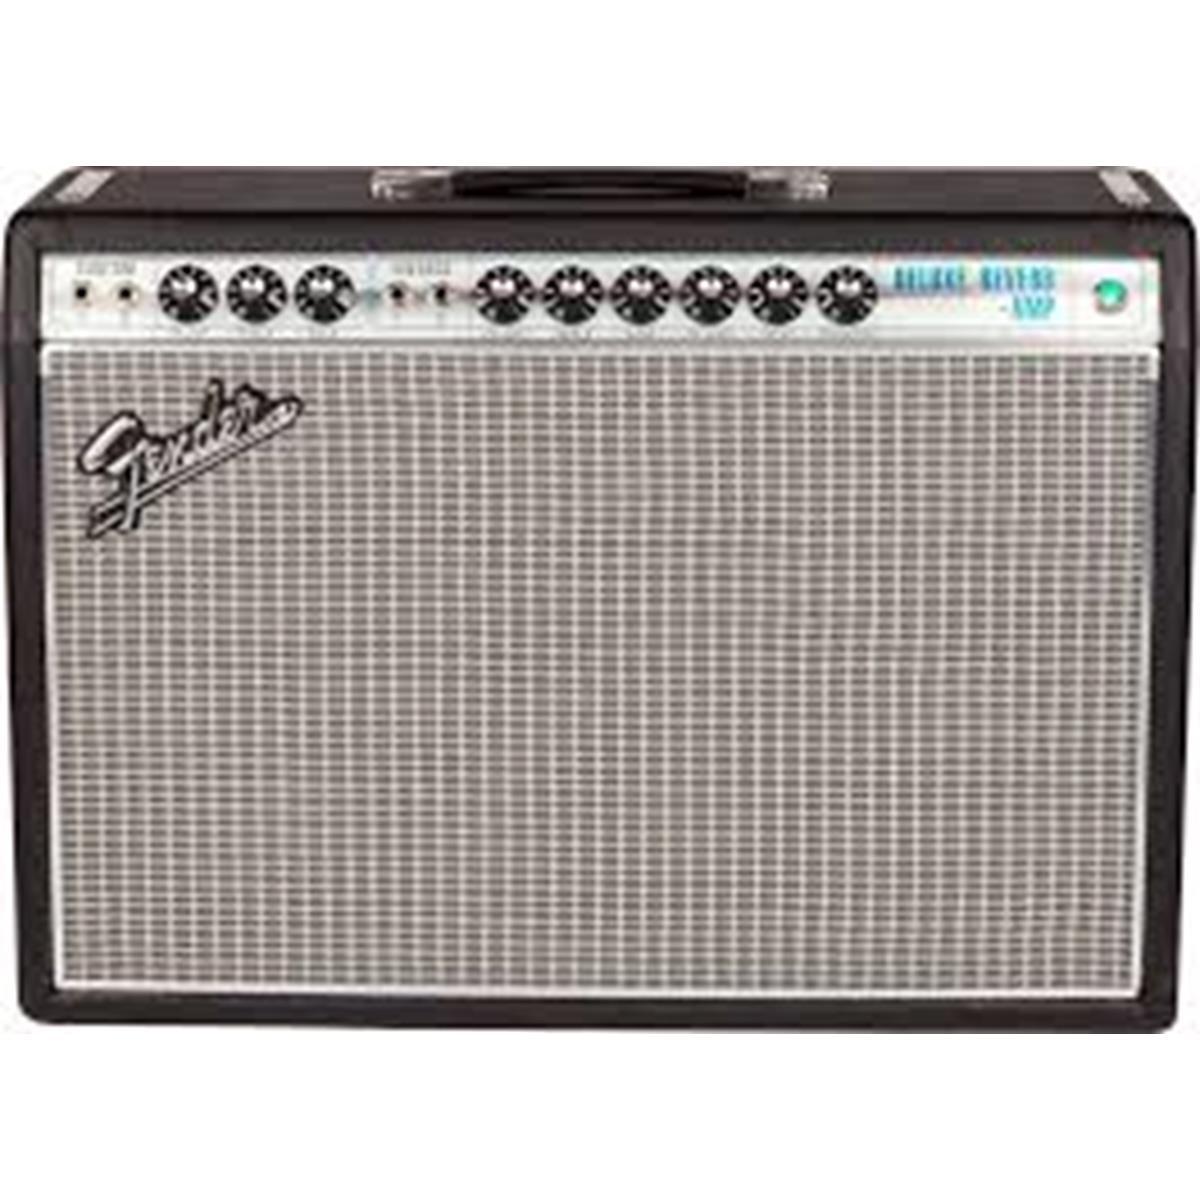 FENDER 68 CUSTOM DELUXE REVERB AMP - 2274006000